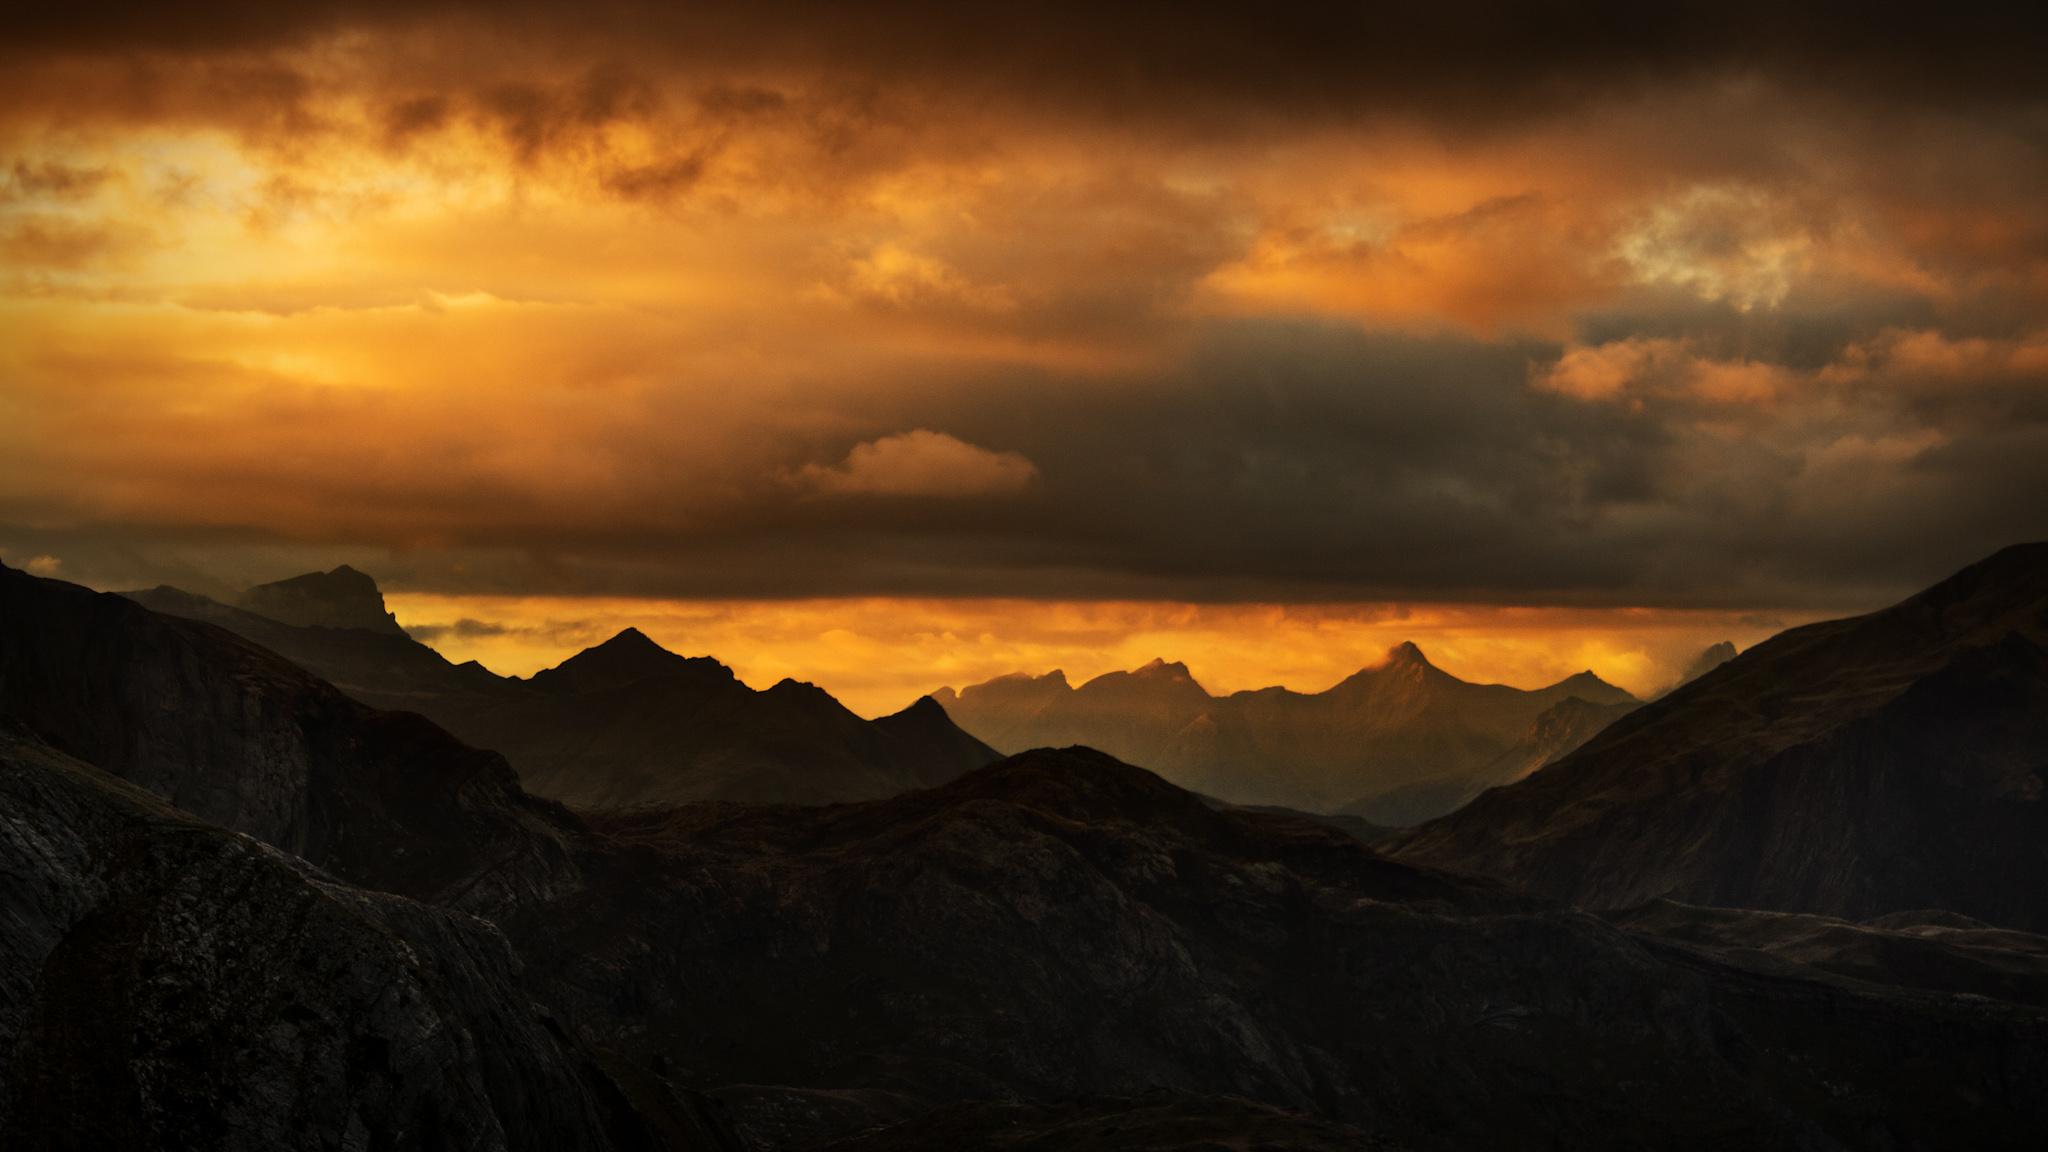 Atardecer hacia el Anie y La Mesa de los Tres Reyes - Paisajes del valle - Fotos del Valle del Aragón, Mikel Besga